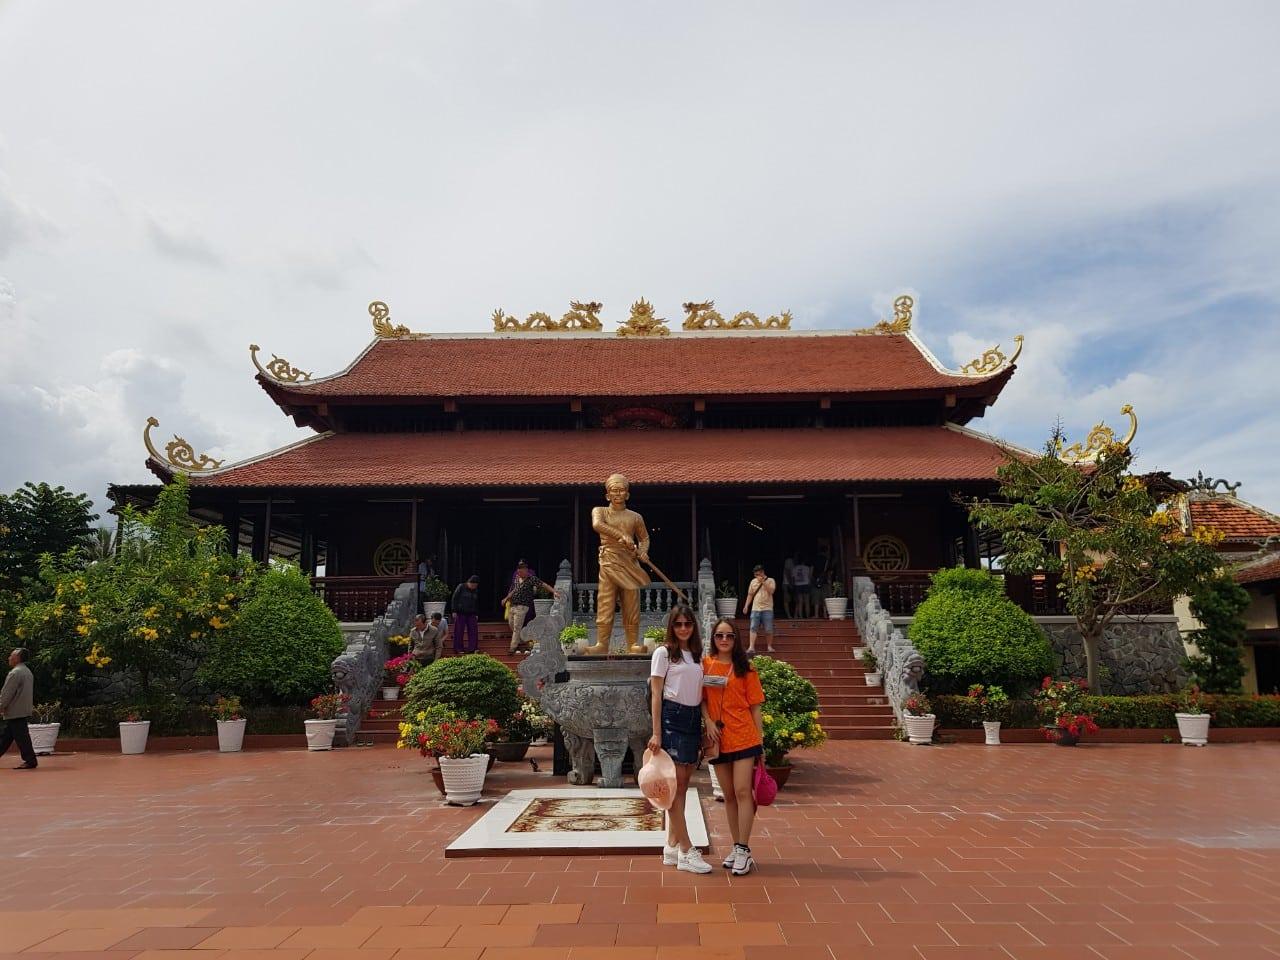 Tượng cụ Nguyễn Trung Trực tại Đền thờ